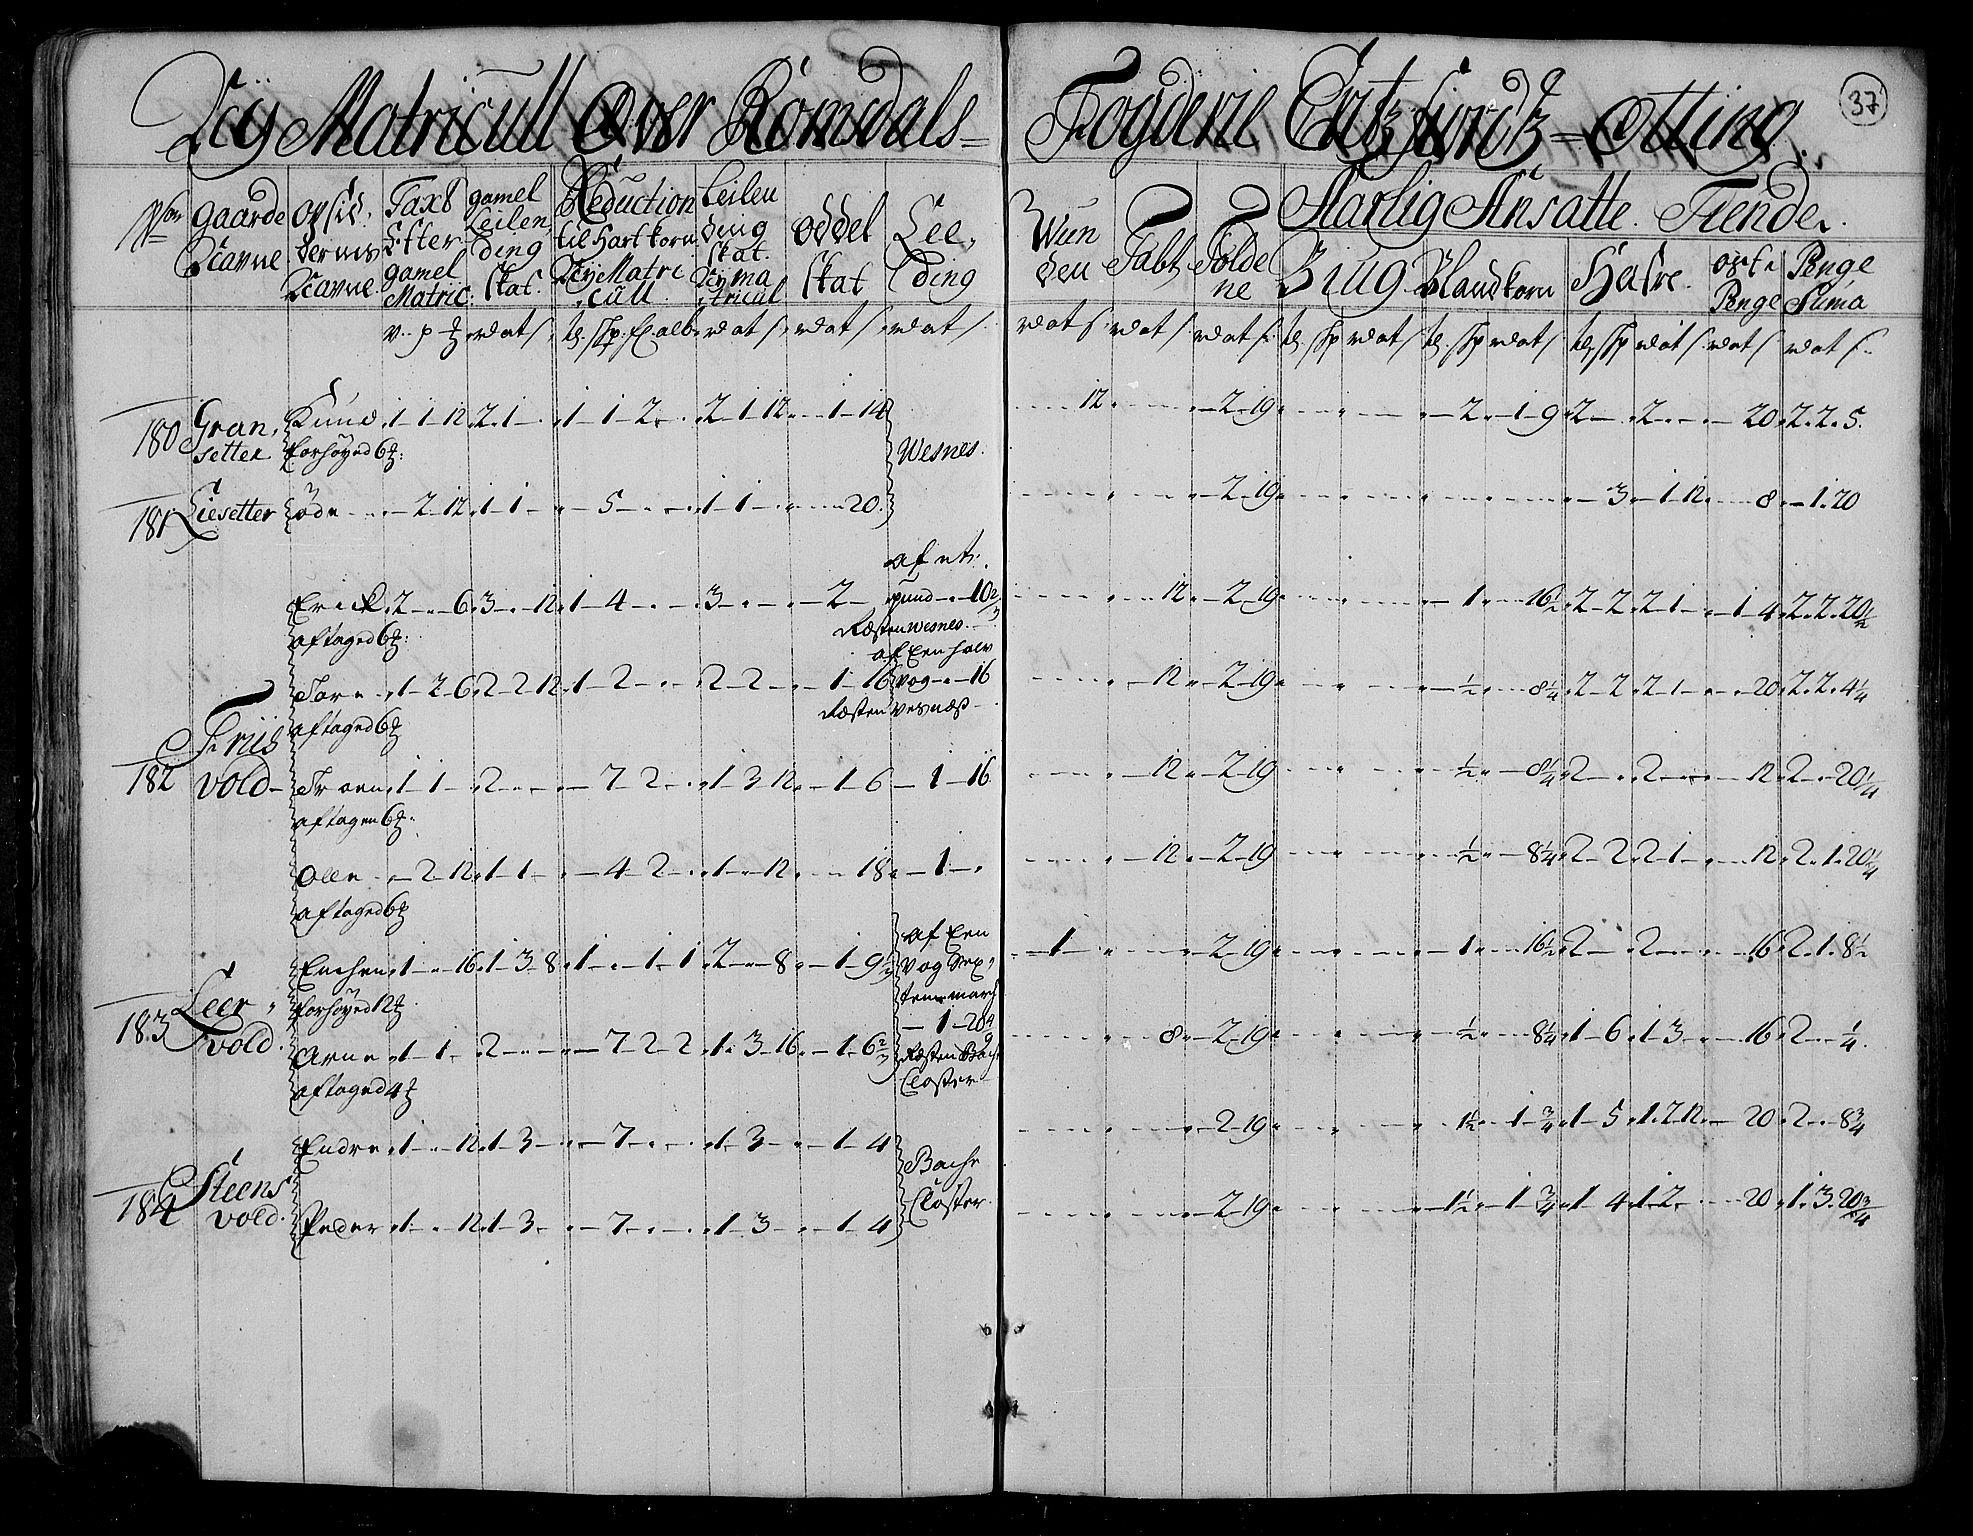 RA, Rentekammeret inntil 1814, Realistisk ordnet avdeling, N/Nb/Nbf/L0153: Romsdal matrikkelprotokoll, 1724, s. 38